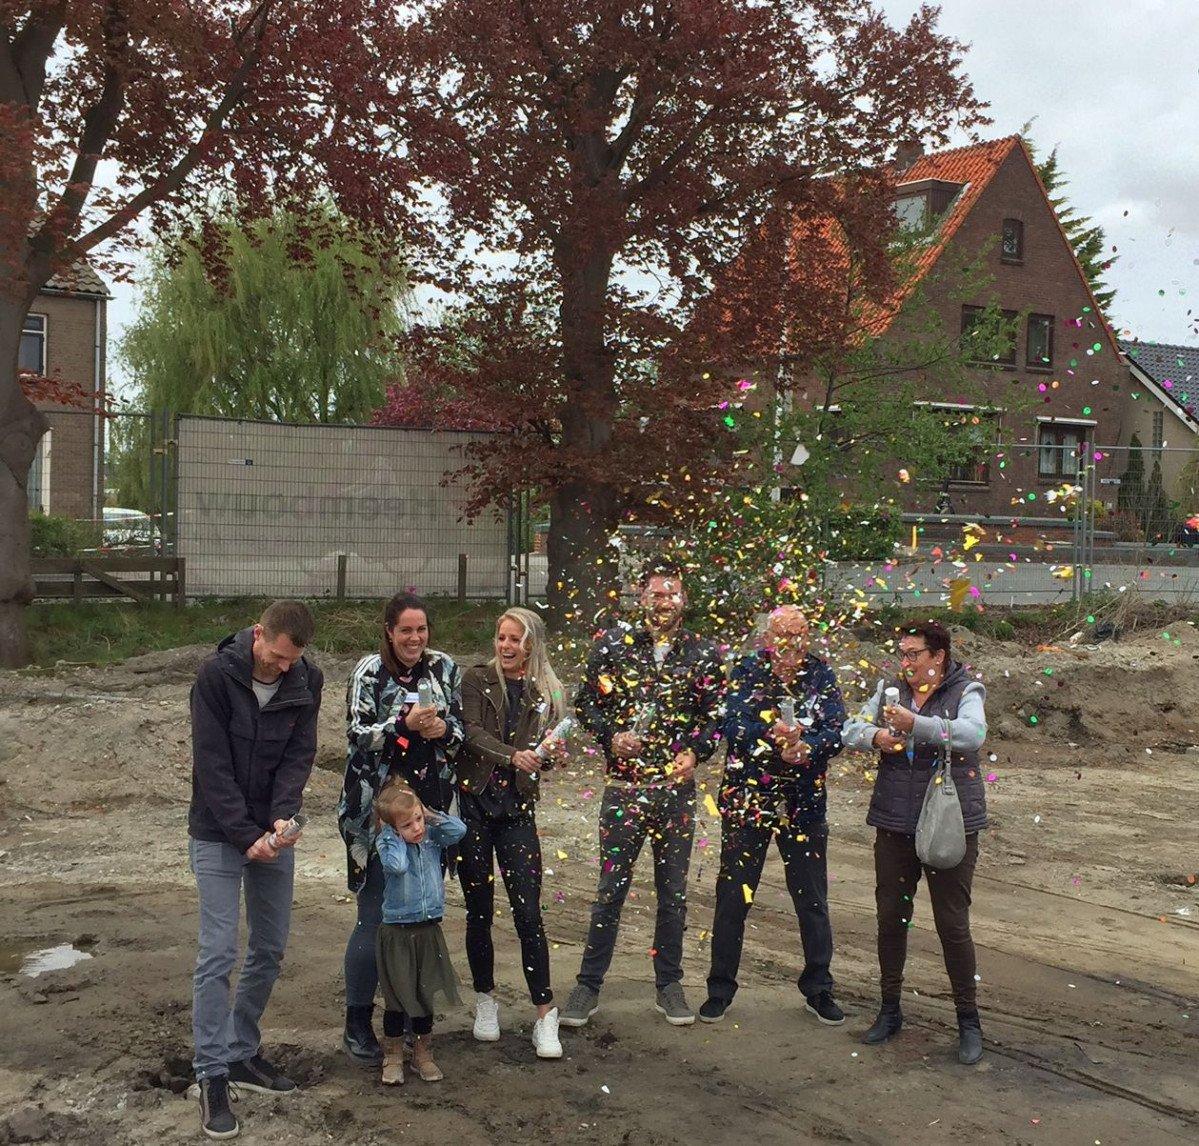 Nieuwbouw 3 woningen de Oevers toekomstige bewoners met confetti